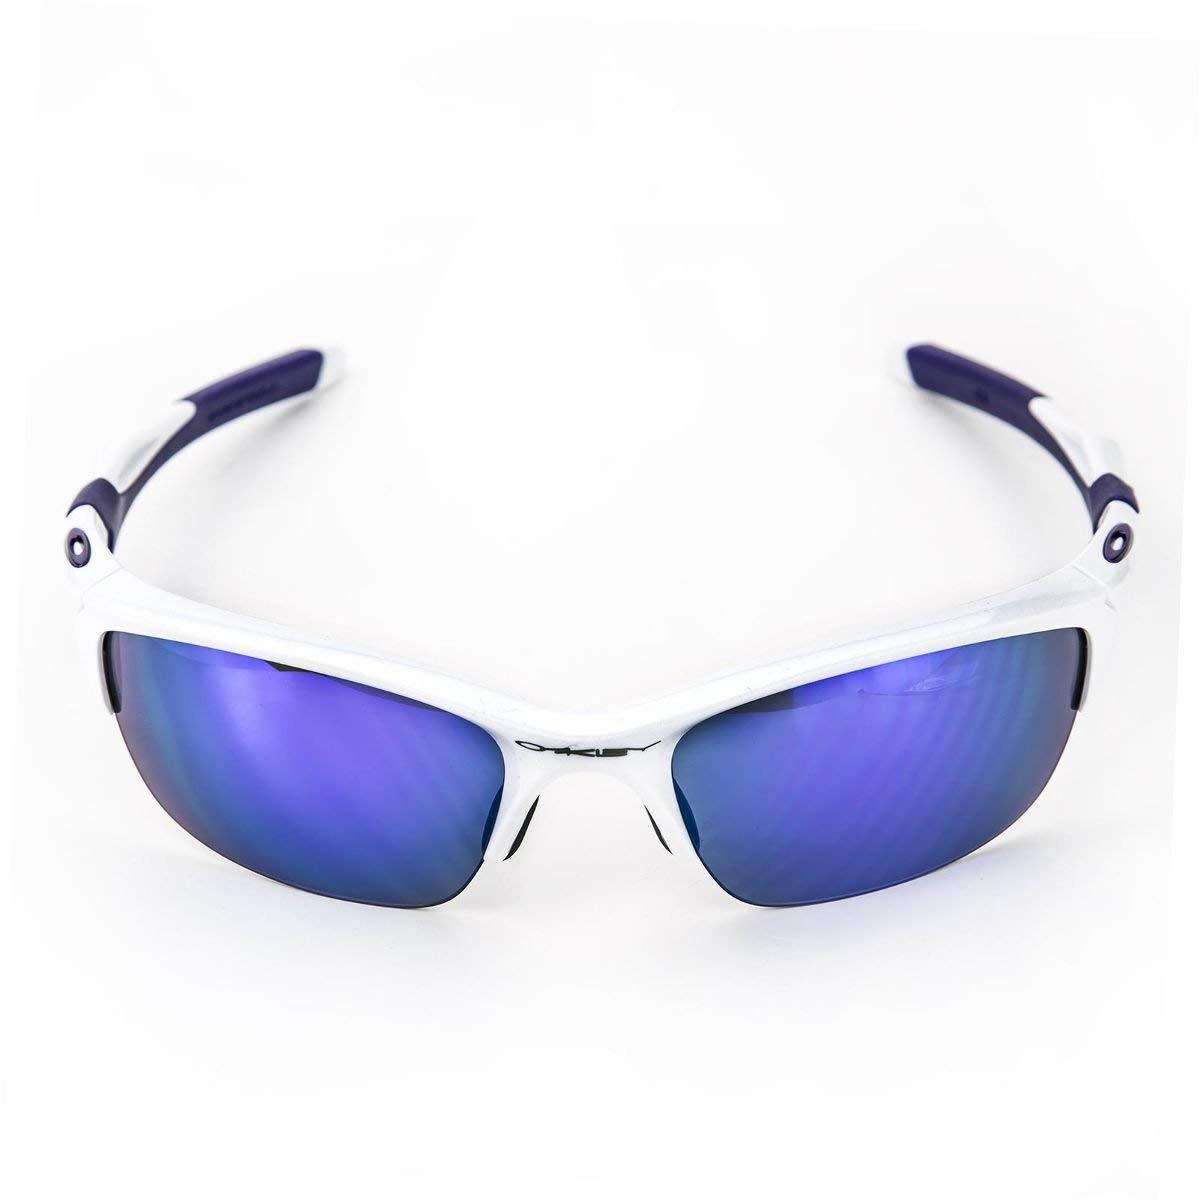 19e86fc435633 Amazon.com  Oakley Men s Non-Polarized Half Jacket 2.0 Oval Sunglasses